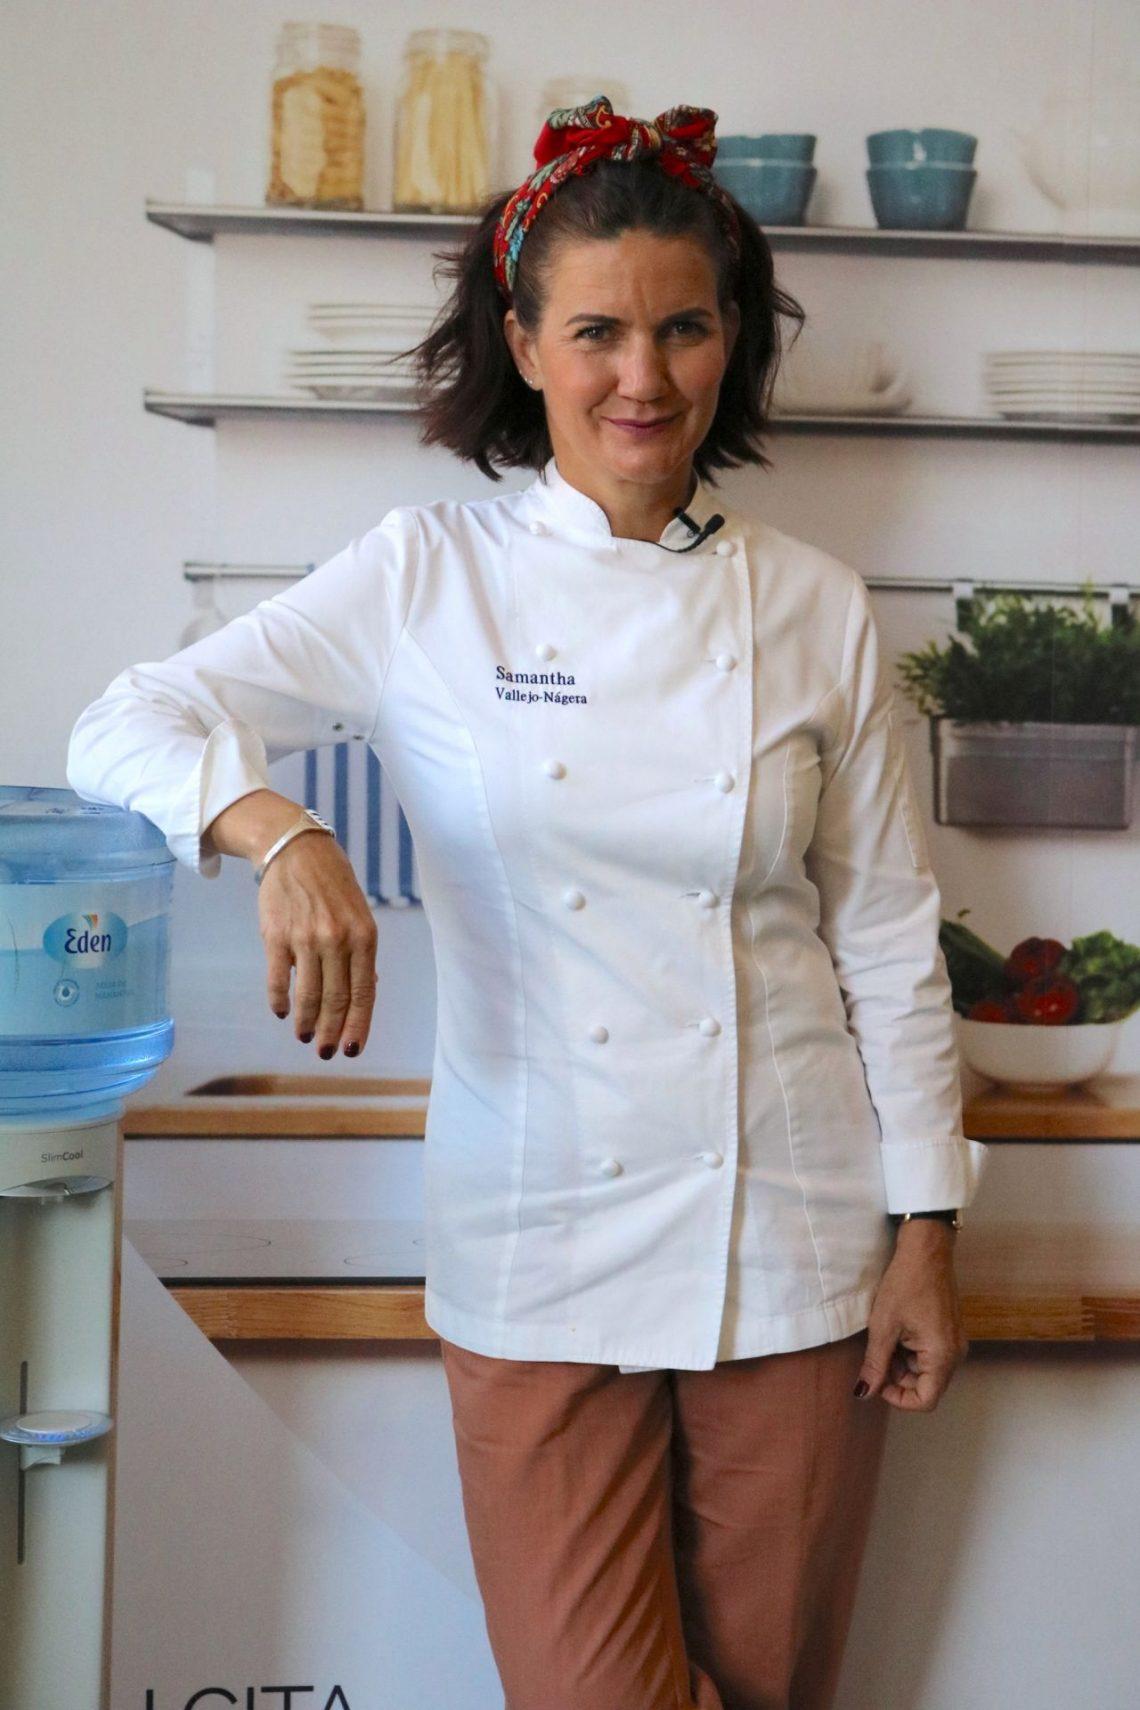 Hablamos con Samantha Vallejo-Nágera sobre un verano saludable y lleno de… ¡sabor! ¿Cuál será su plato estrella?